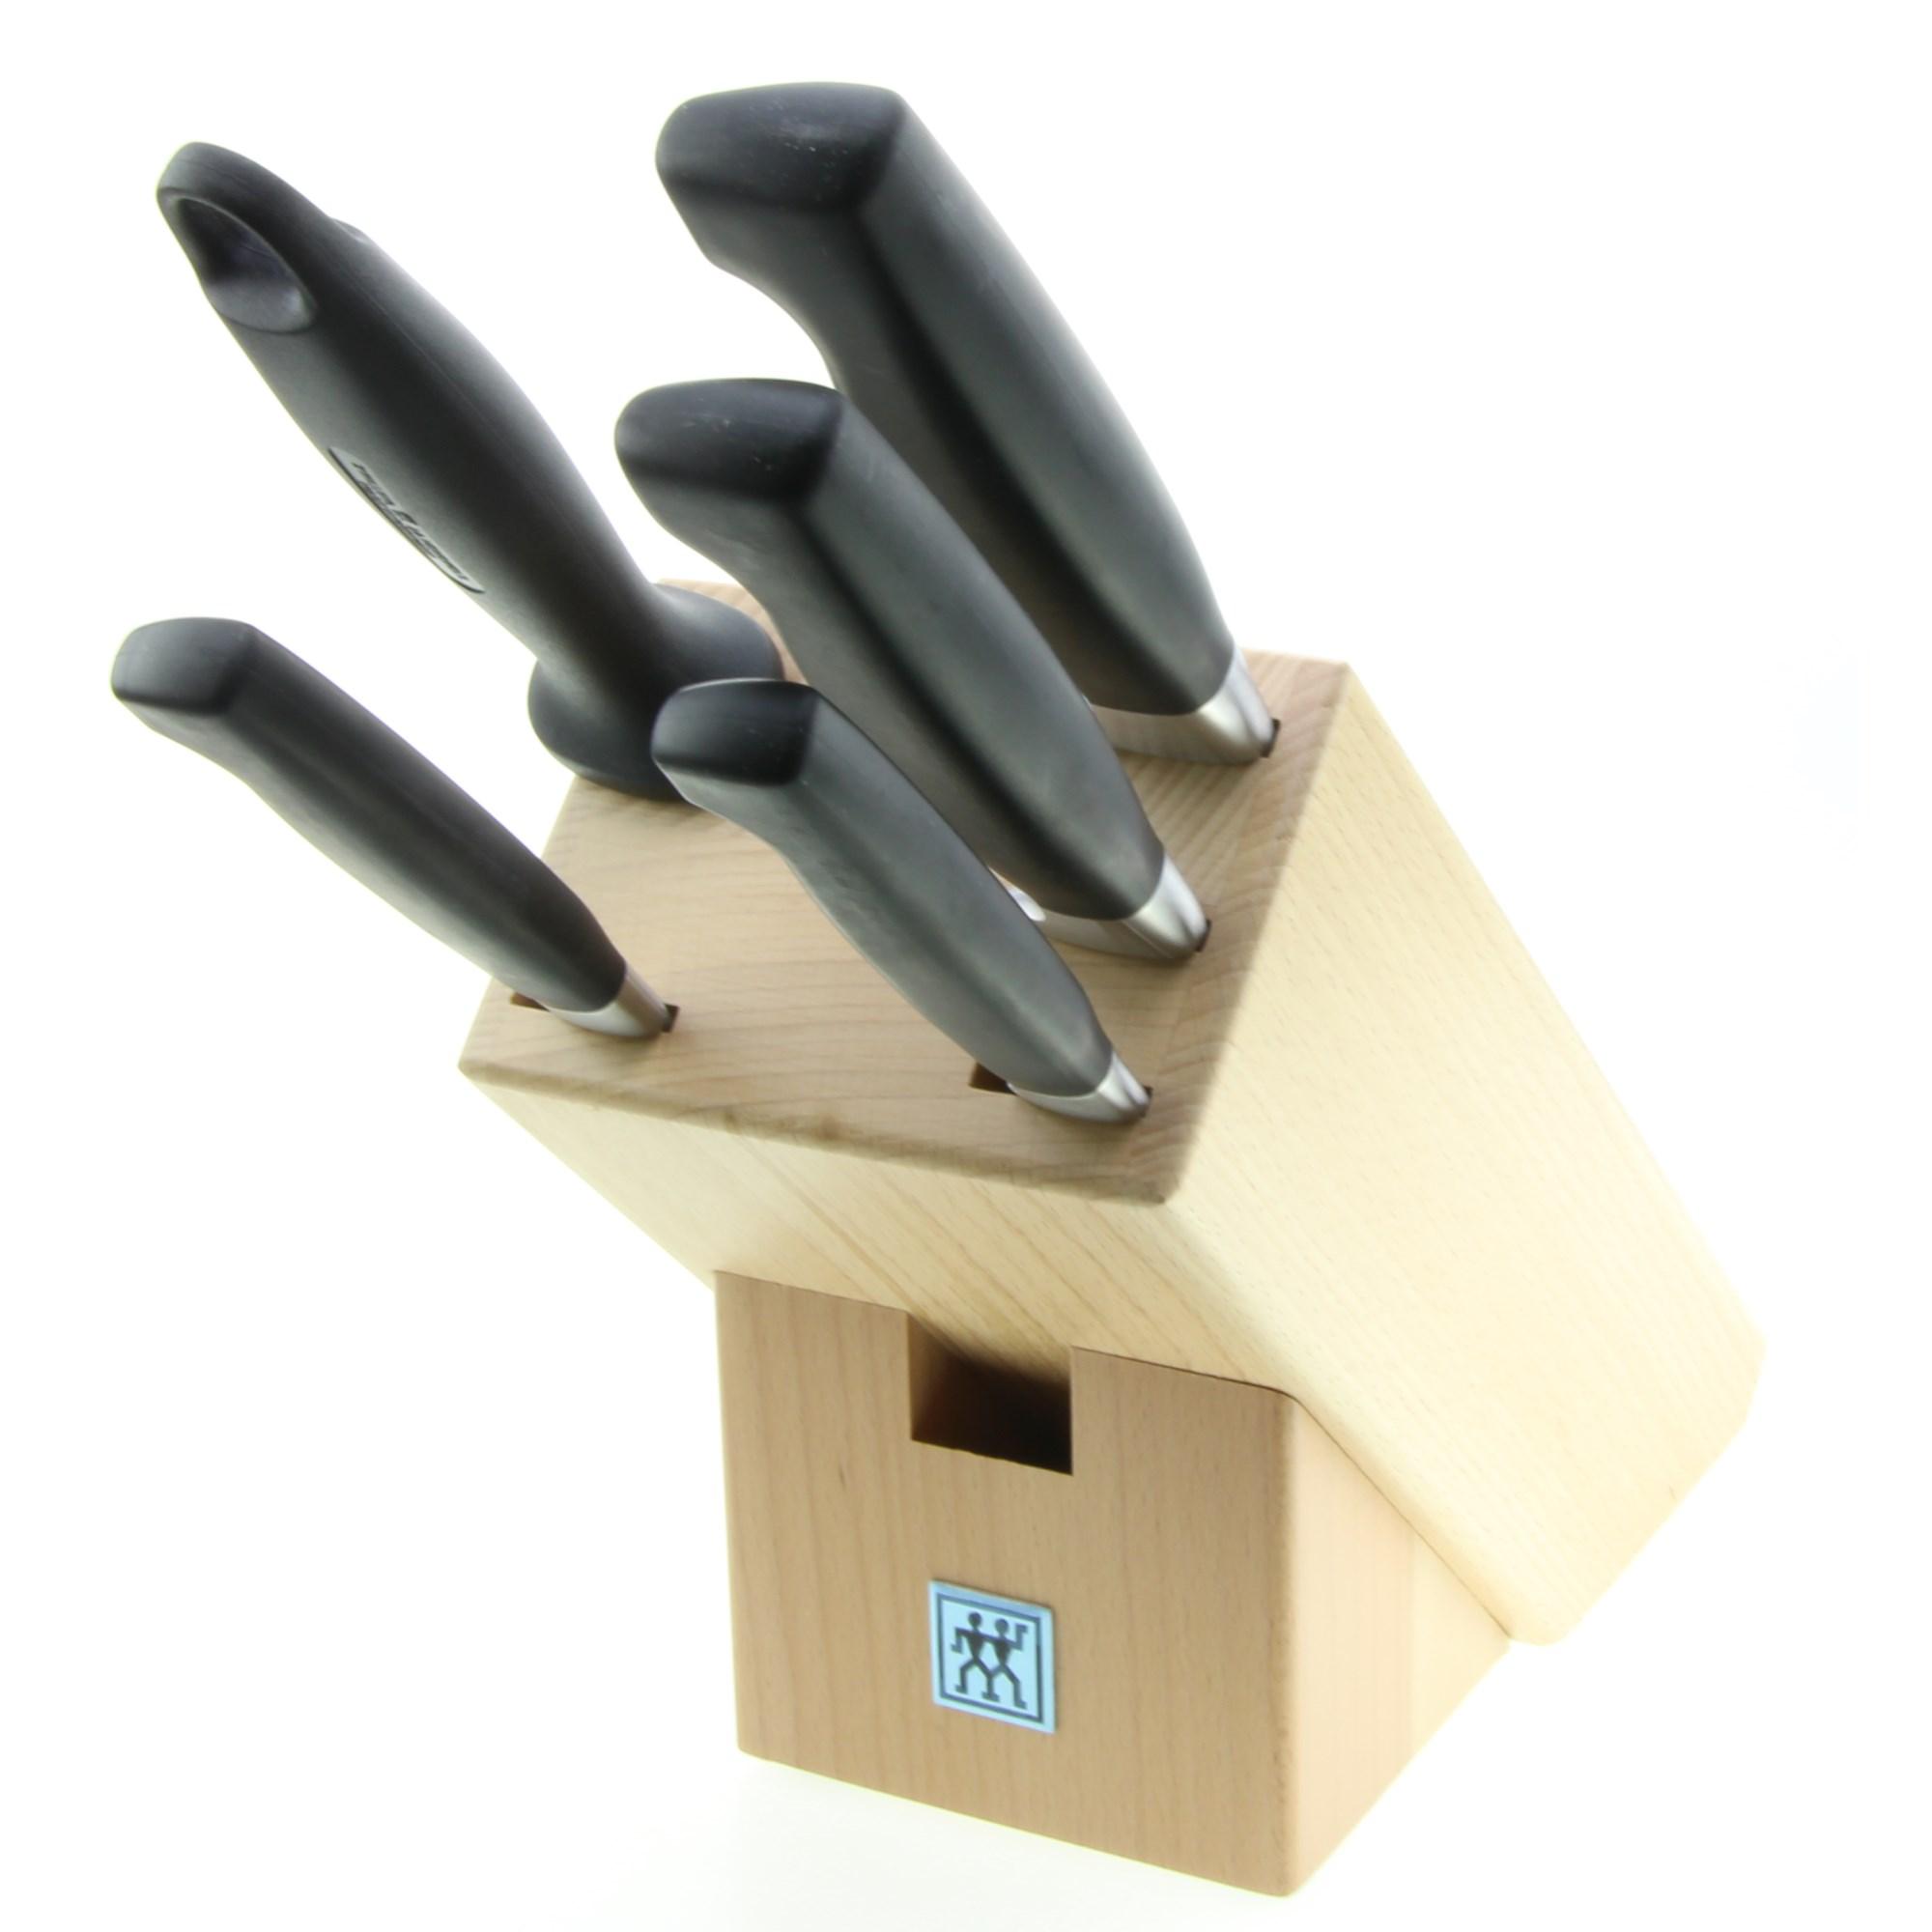 zwilling messerblock vier sterne 6 teilig messerset ebay. Black Bedroom Furniture Sets. Home Design Ideas